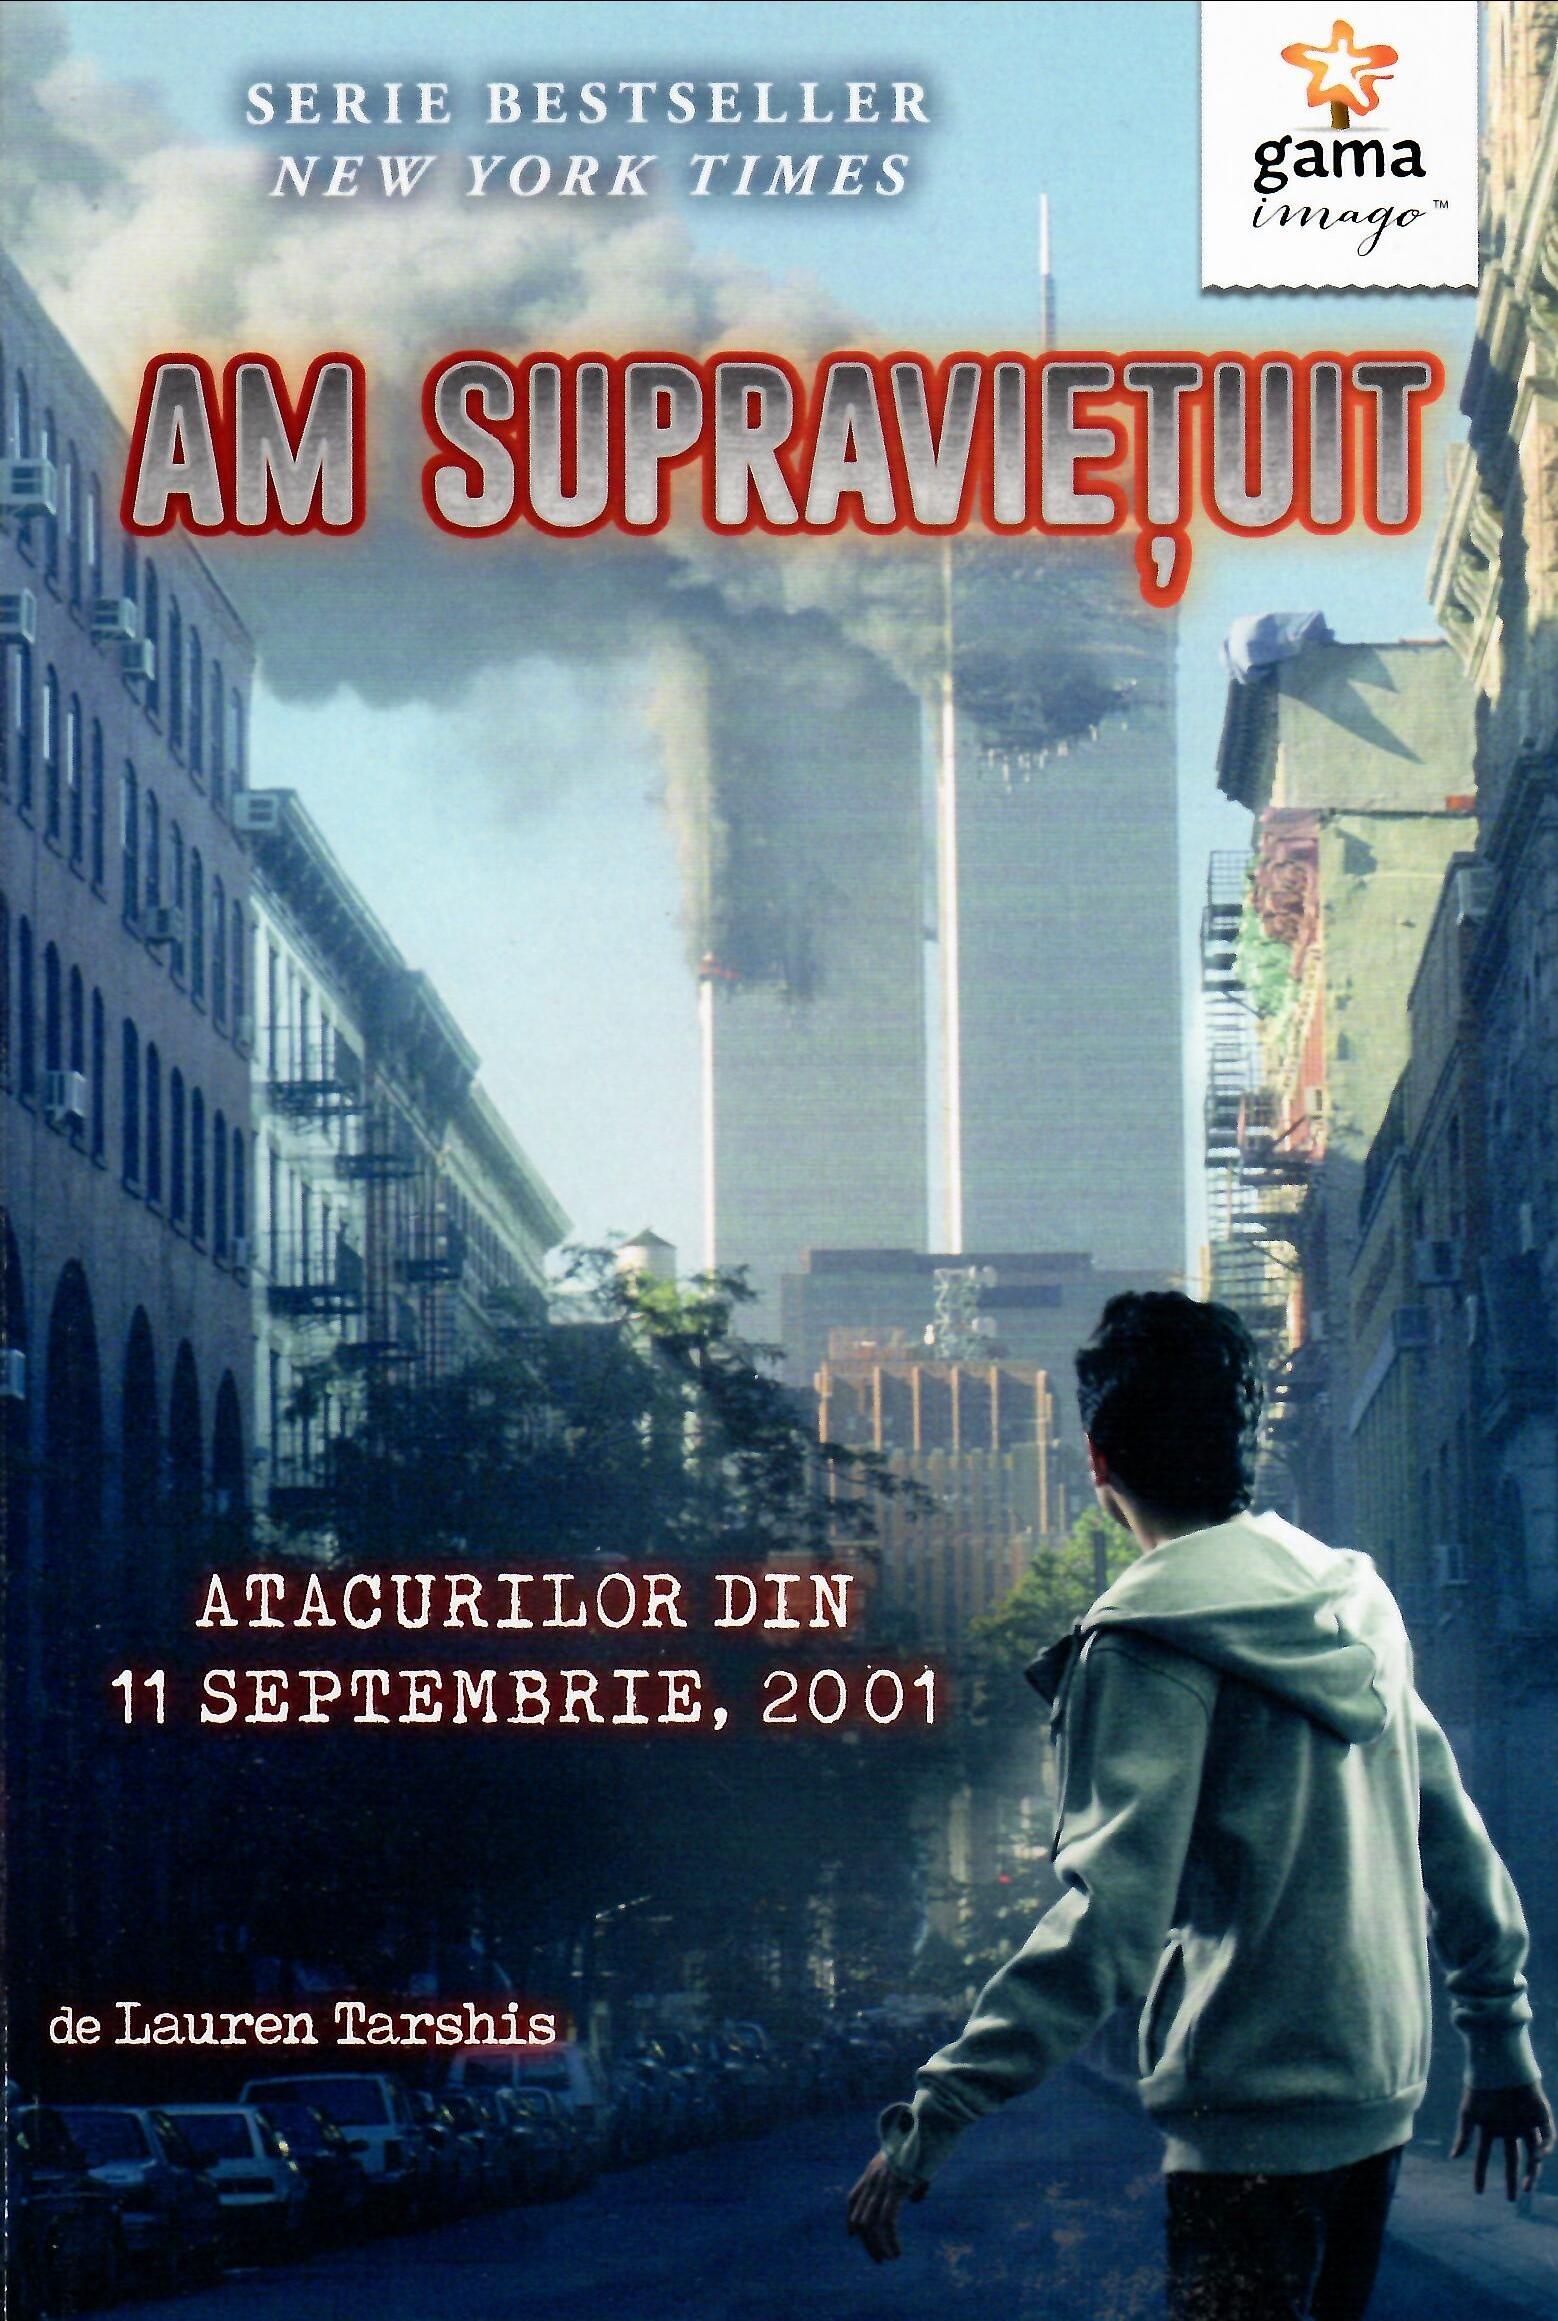 Am supravietuit atacurilor din 11 septembrie 2001